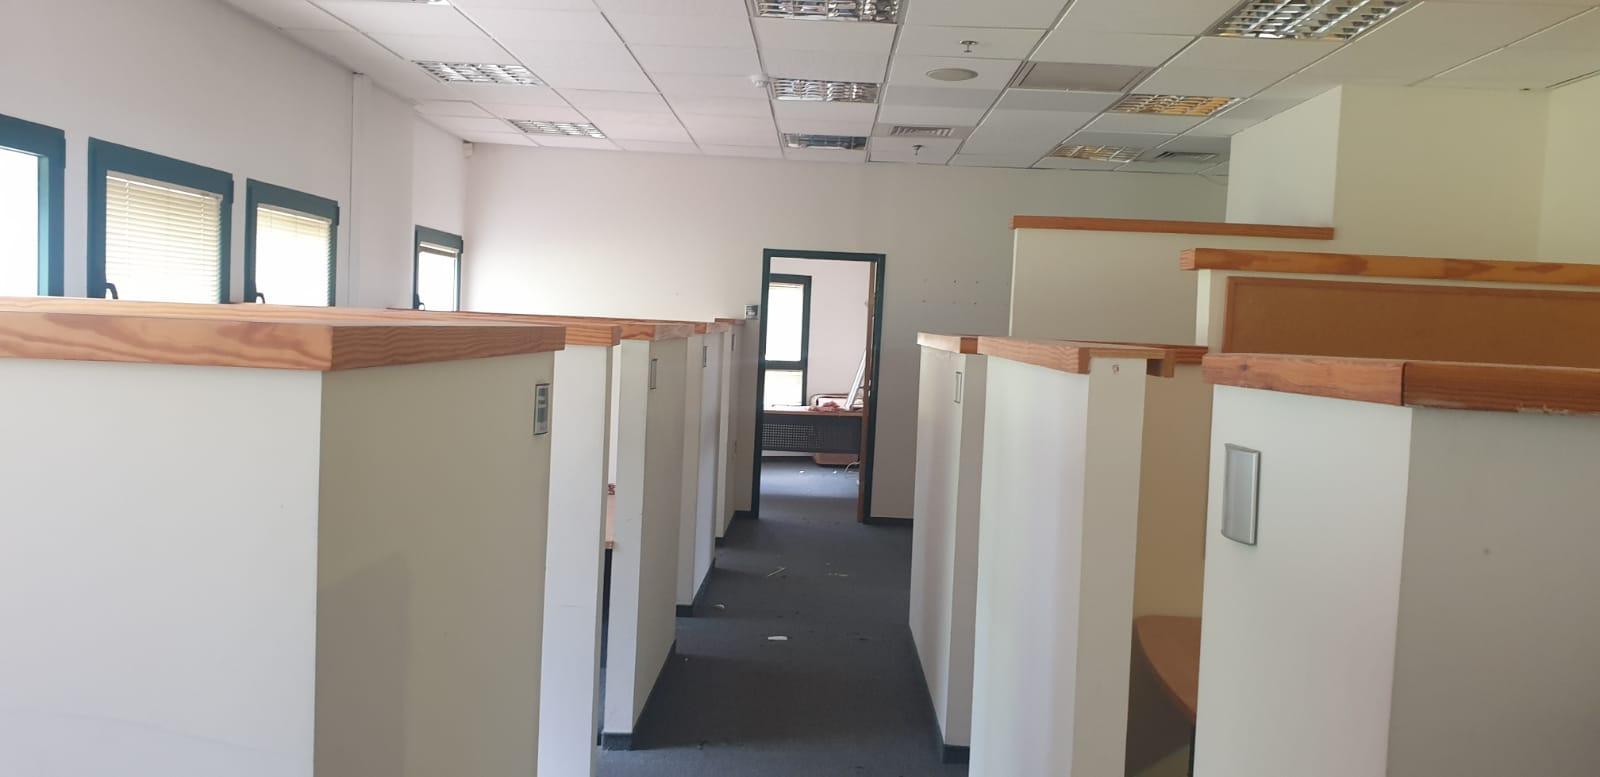 משרדים להשכרה אזור תעשייה בר לב